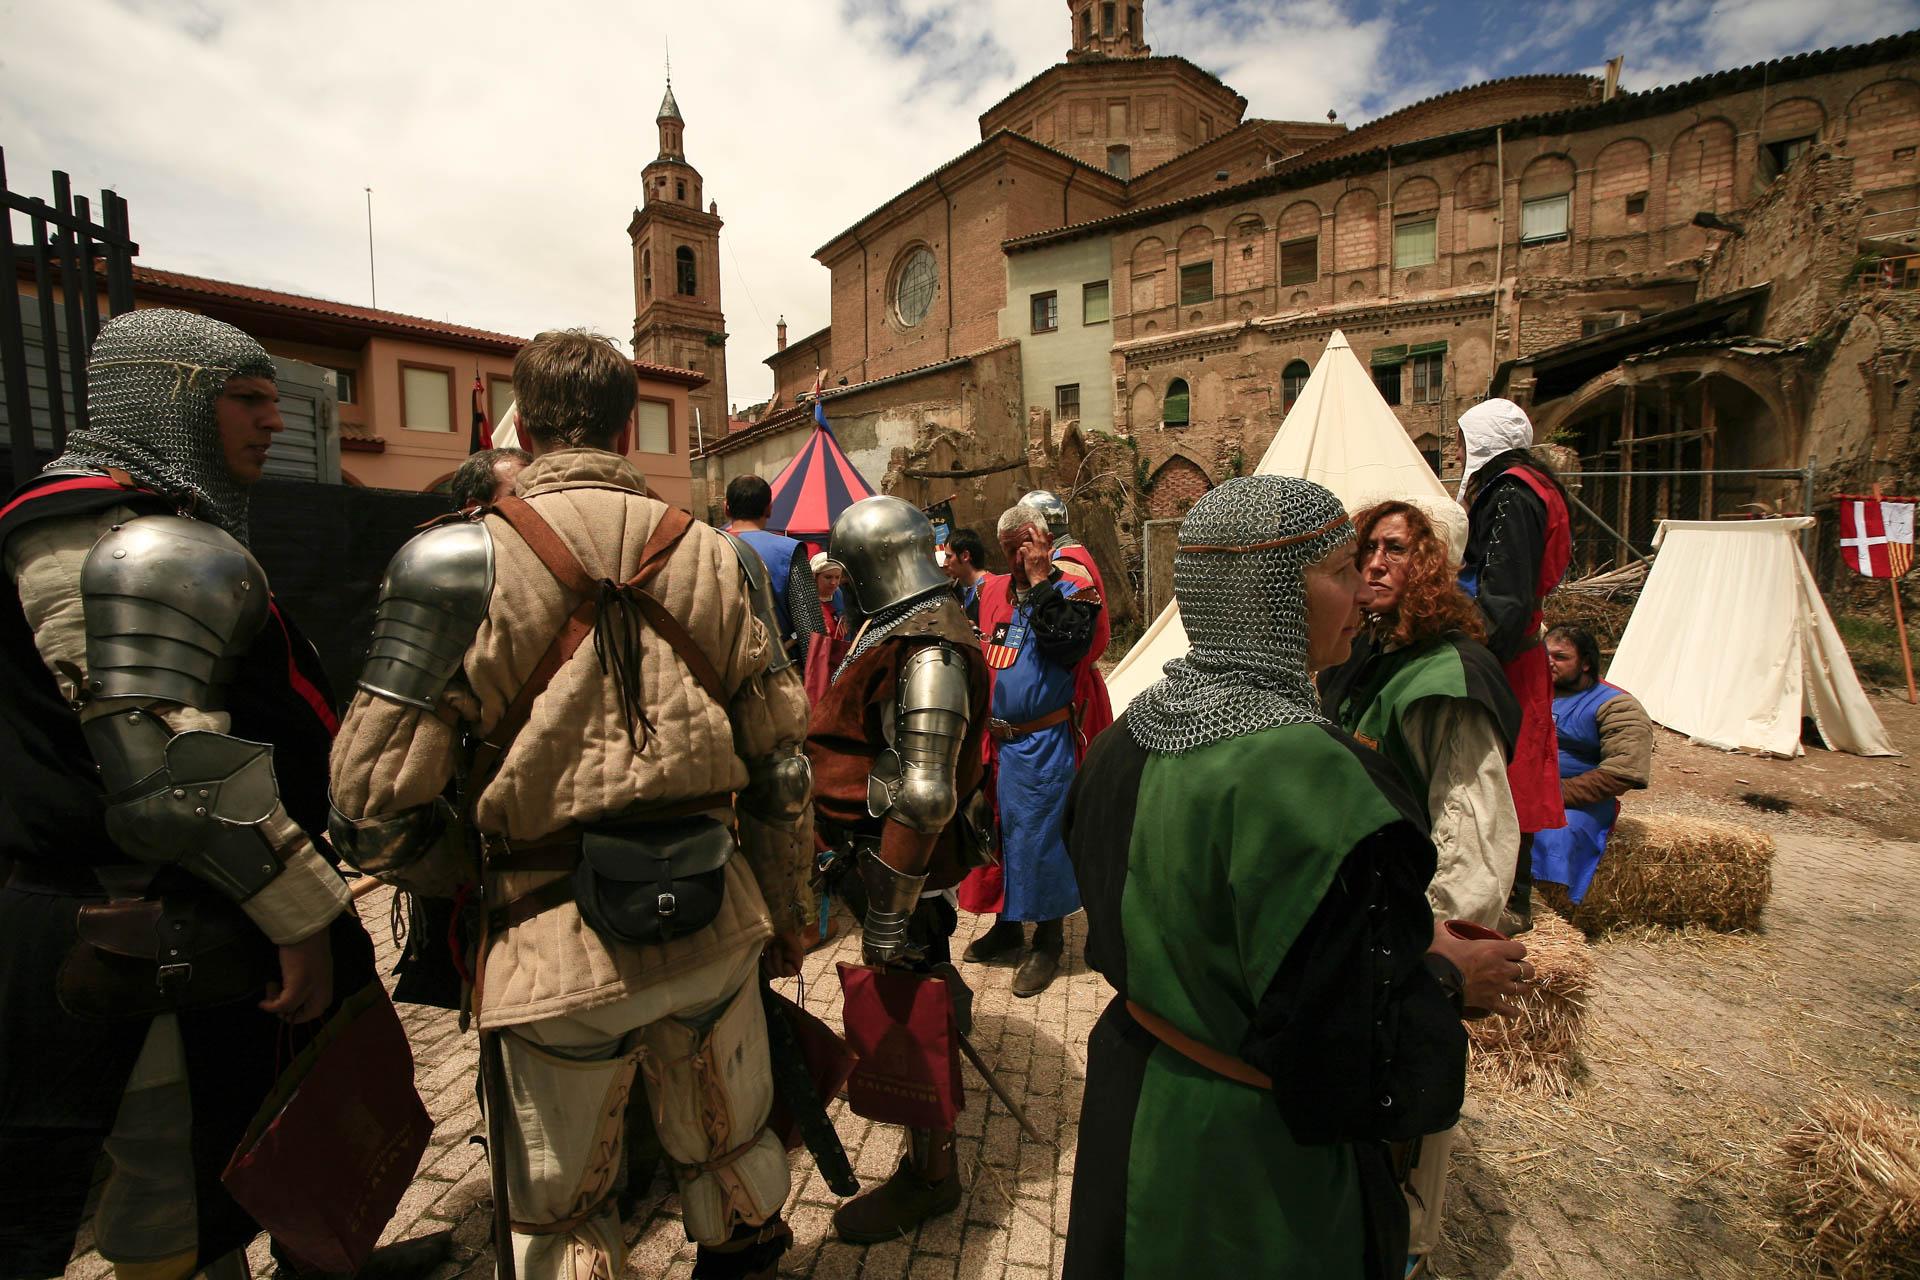 Representación Medieval, Calatayud